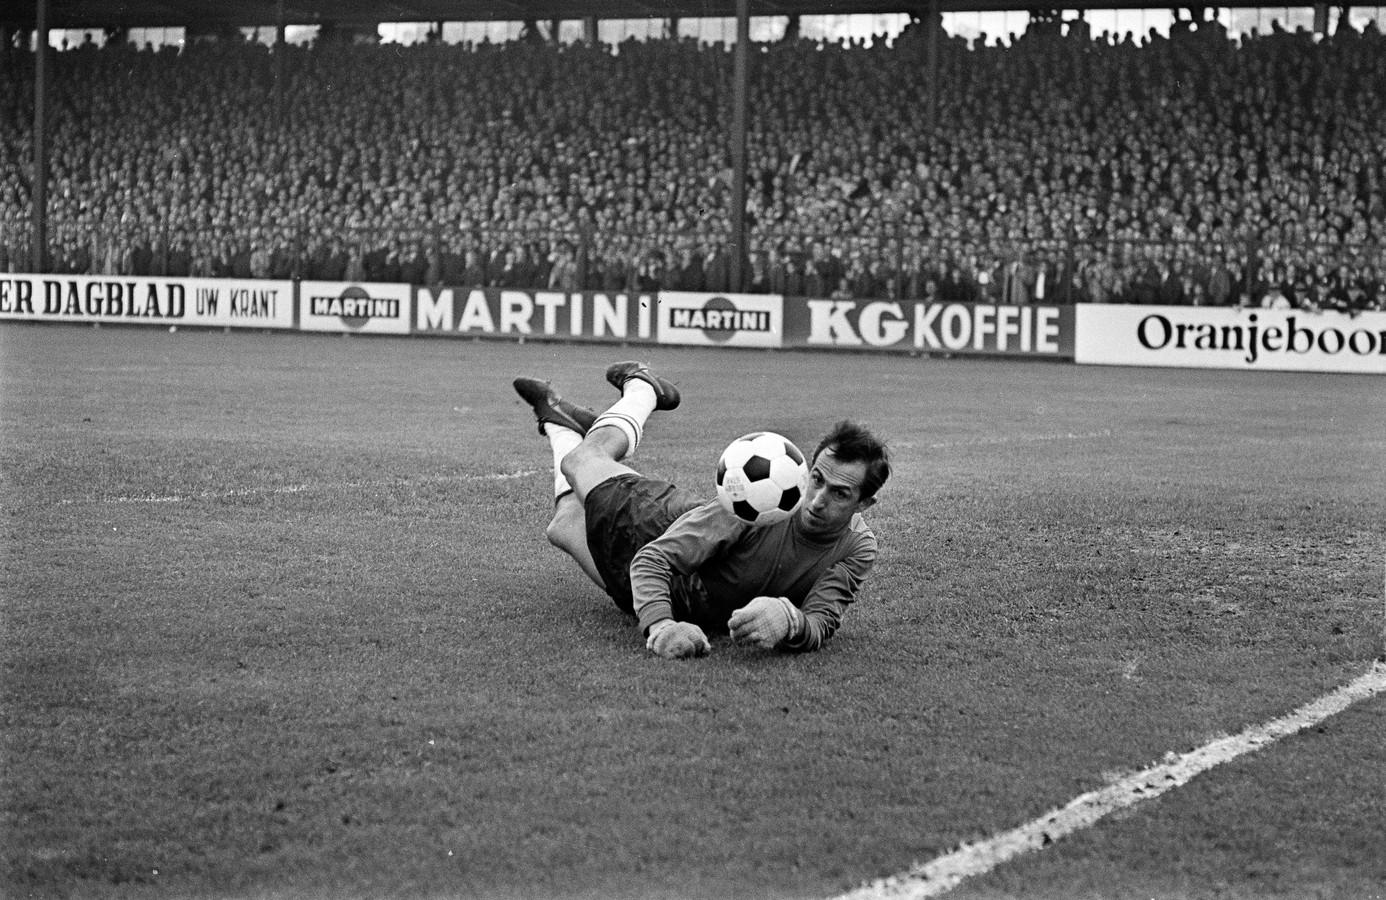 1968: Eddy Pieters Graafland redt als doelman van Feyenoord op een inzet tijdens een duel in Deventer met Go Ahead Eagles.